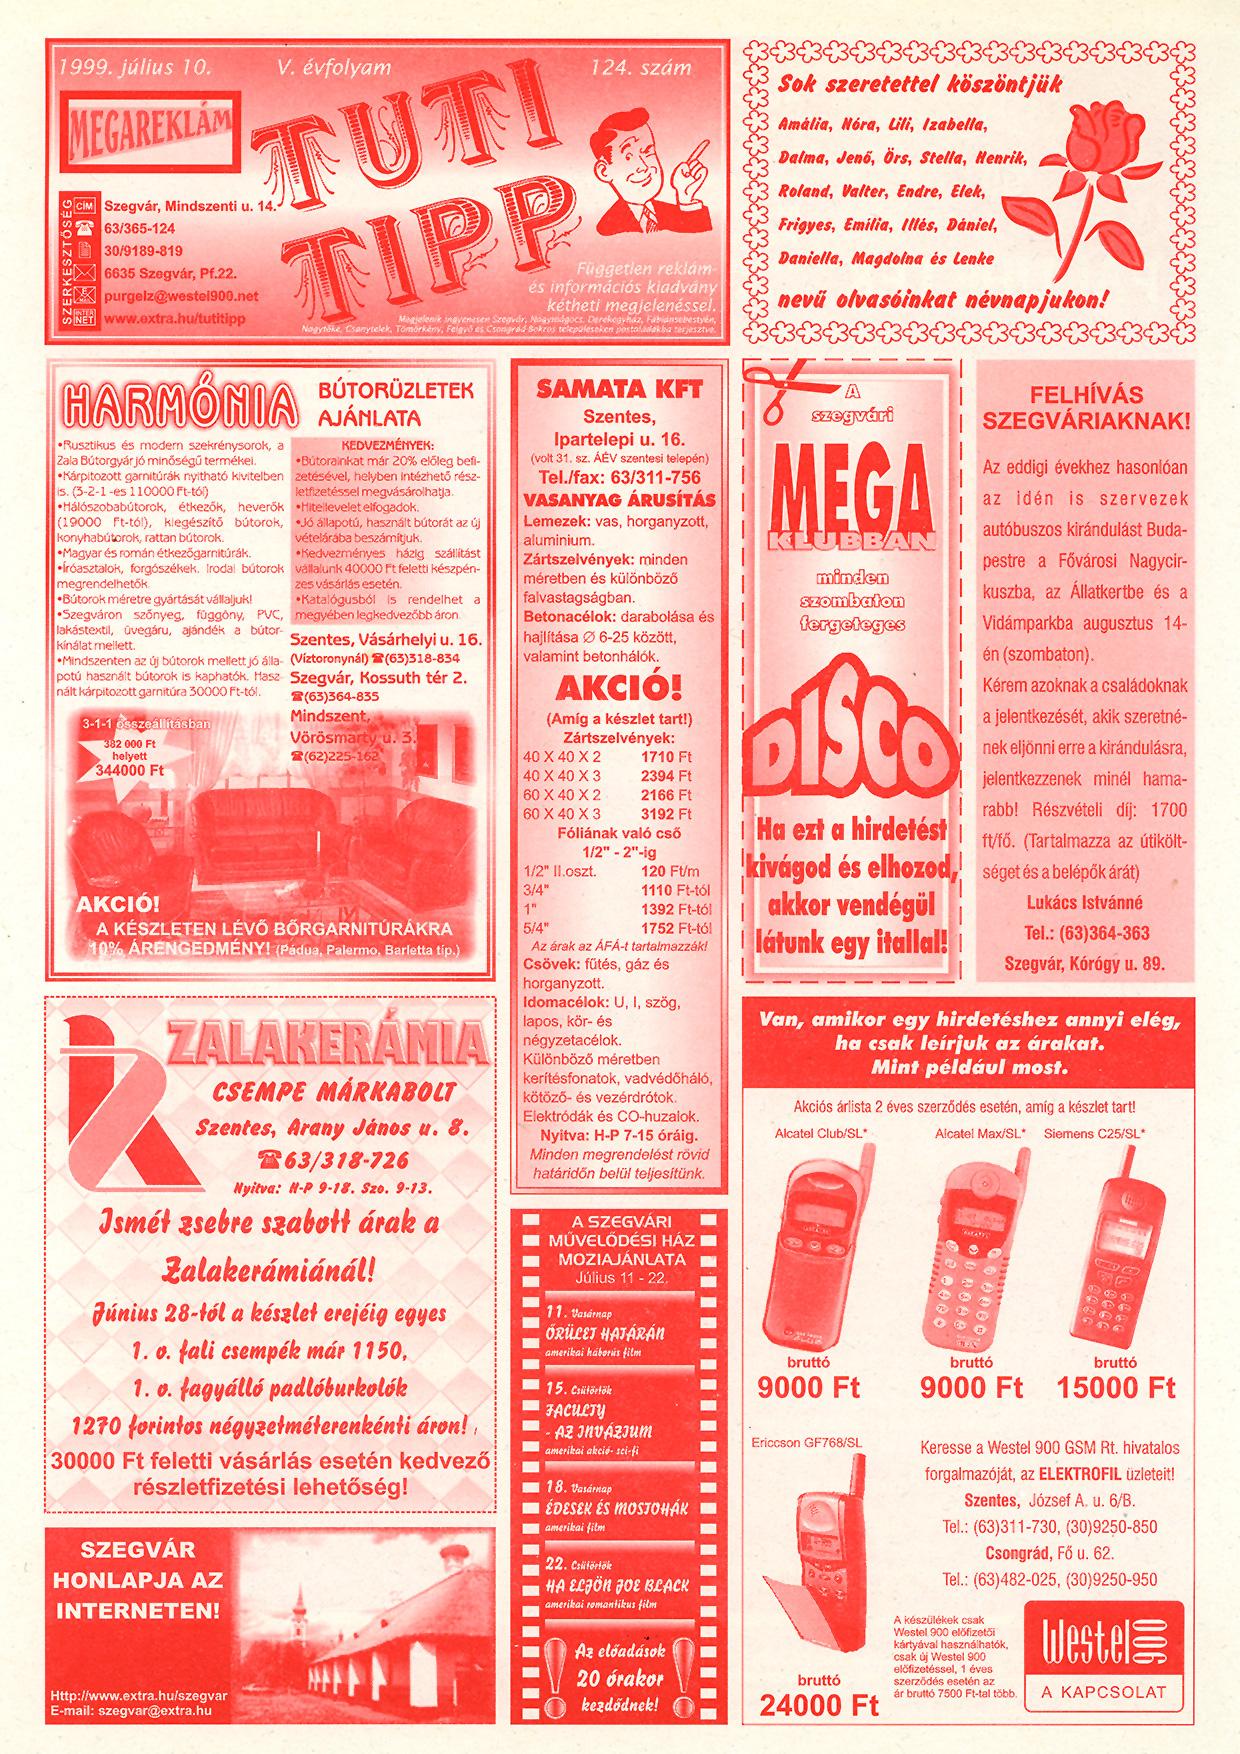 029 Tuti Tipp reklámújság - 19990710-124. lapszám - 1.oldal - V. évfolyam.jpg